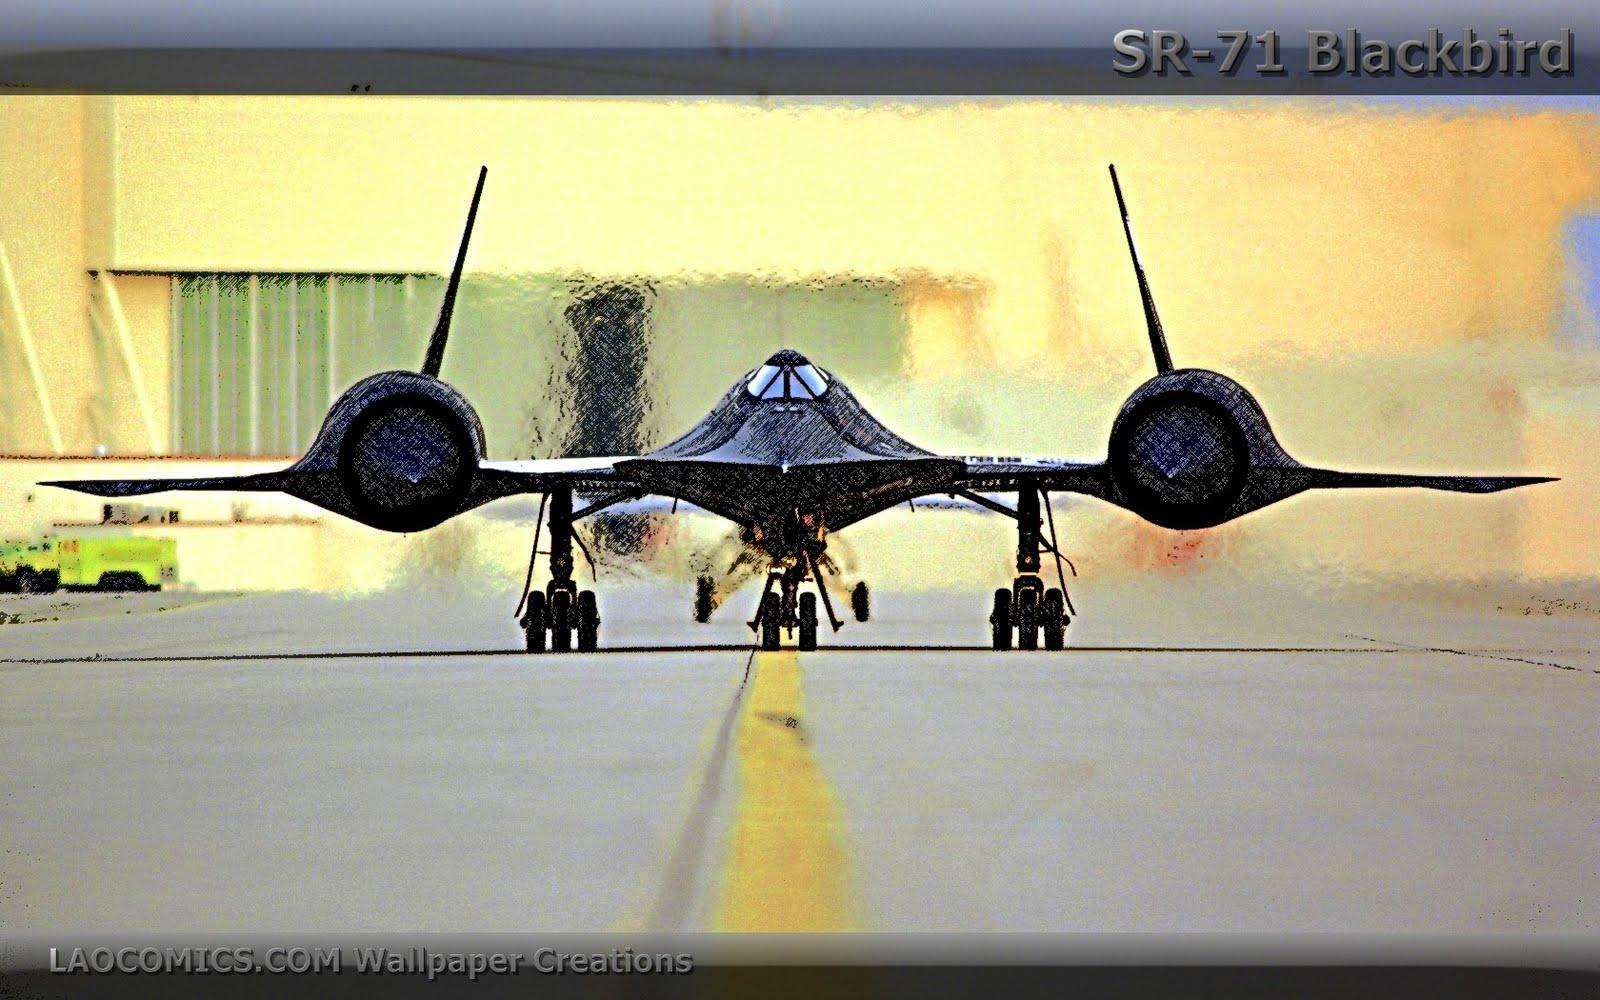 sr 71 wallpaper military - photo #25